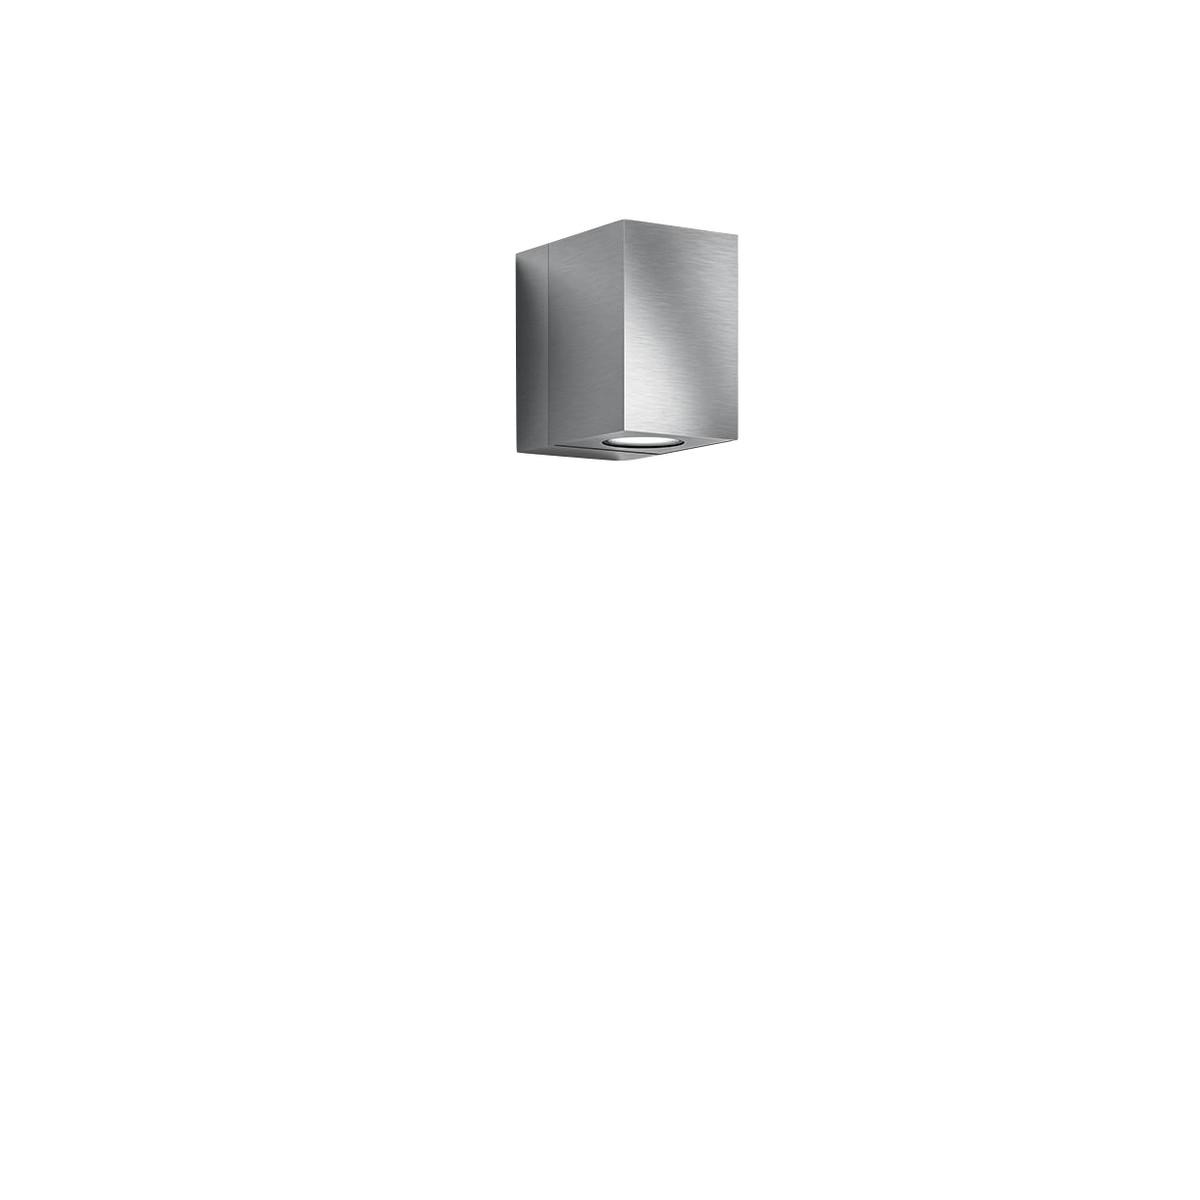 Quant il led lampe d 39 ext rieur for Lampe led exterieur